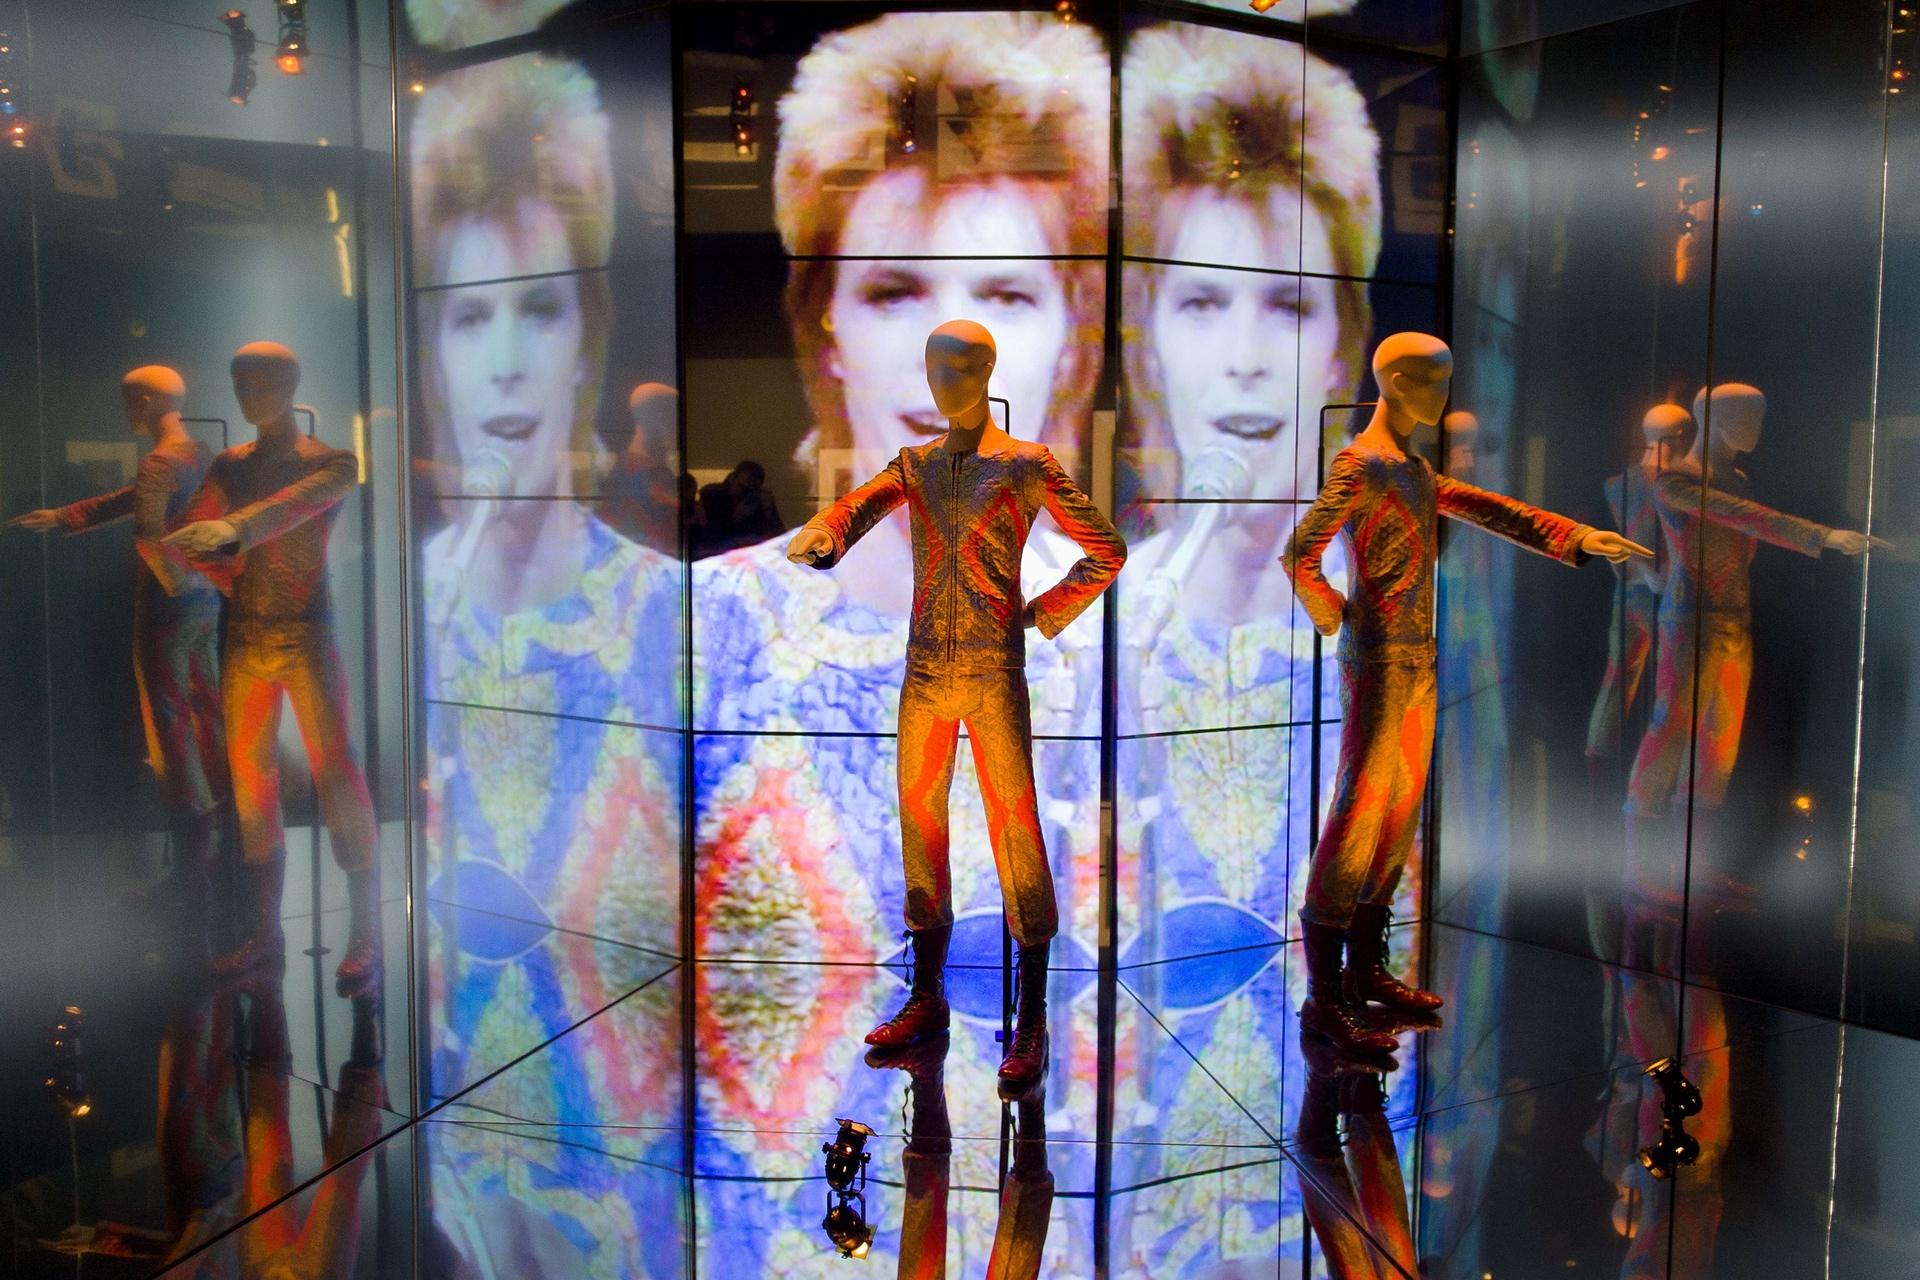 """През 2013 г. музеят Виктория и Албърт провежда изложба с над 300 предмети на Дейвид Бауи, включително ръкописни текстове, оригинални костюми, мода, фотография, кино, музикални клипове, определени проекти и собствени инструменти на Бауи. Тук е костюма """"Starman"""". Снимка: Leon Neal / AFP / Getty Images"""